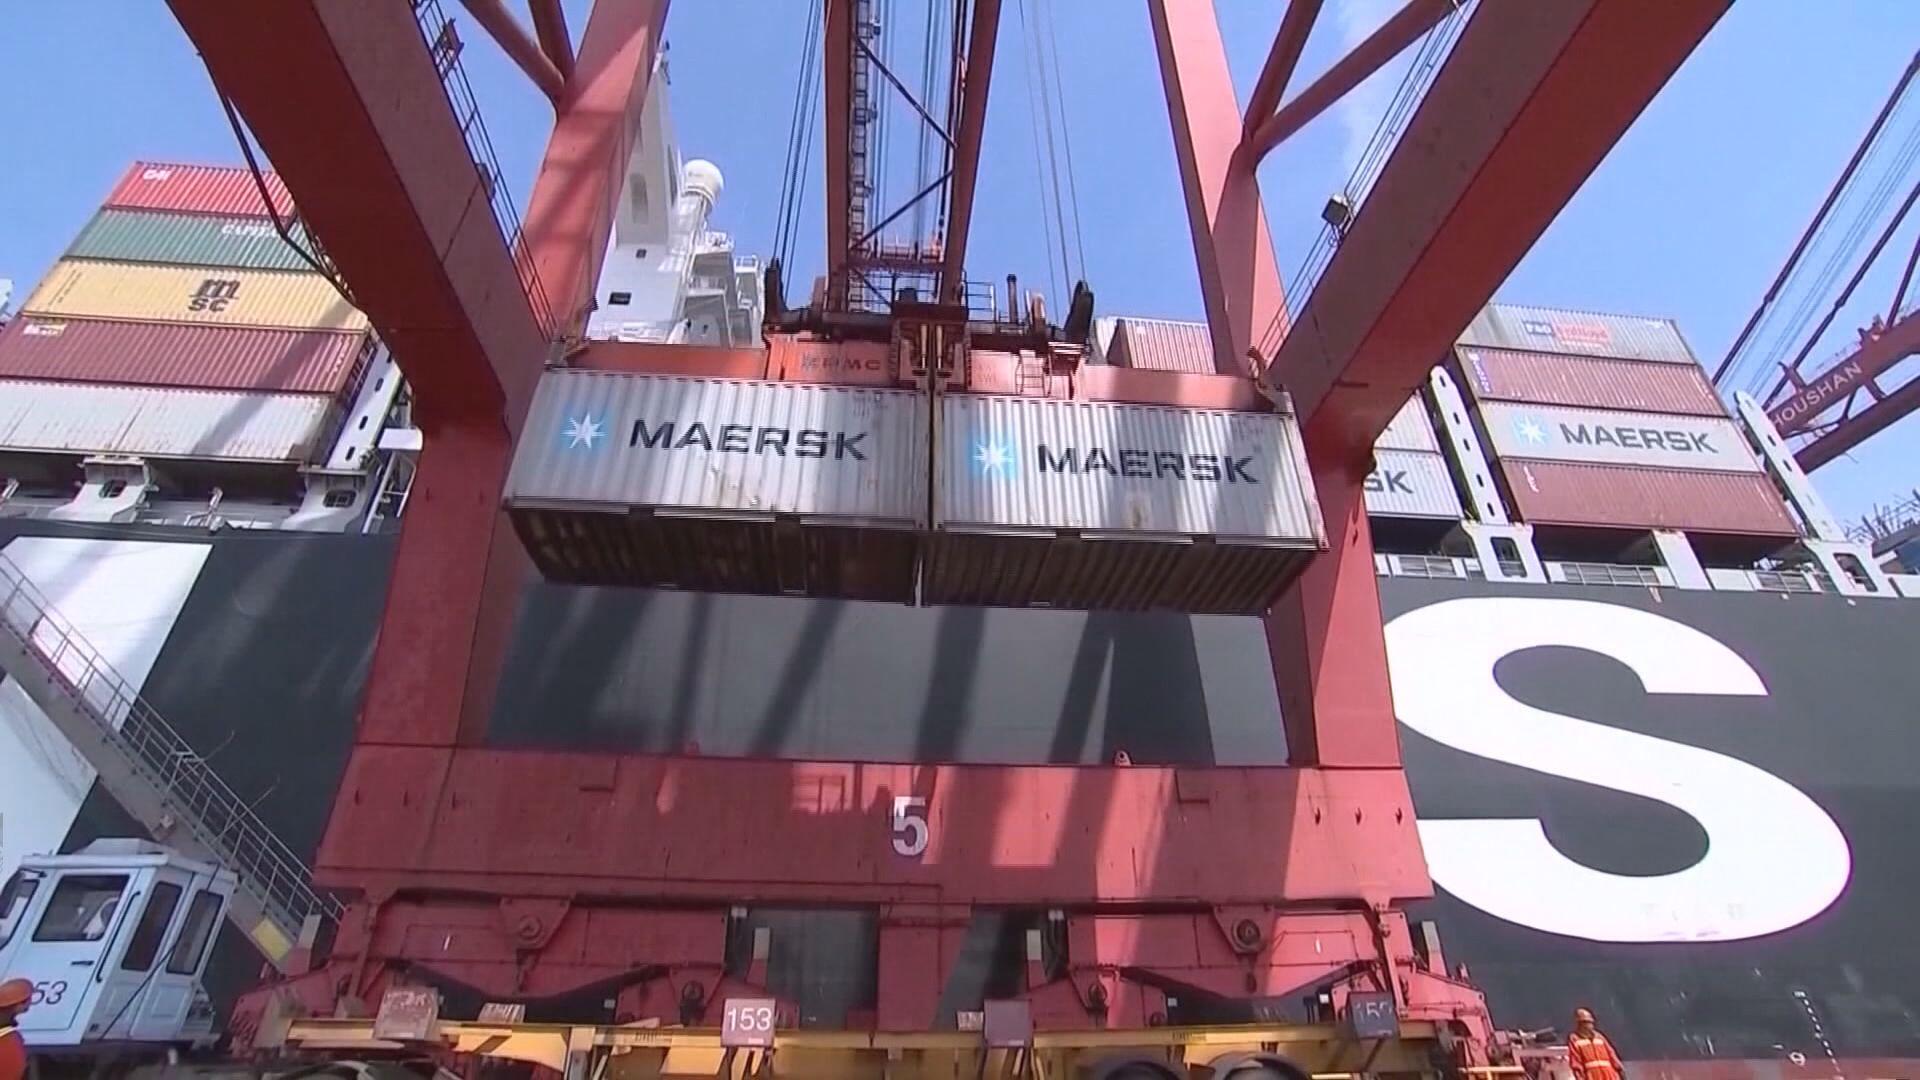 【中美貿戰】中國外交部:貿戰損人害己